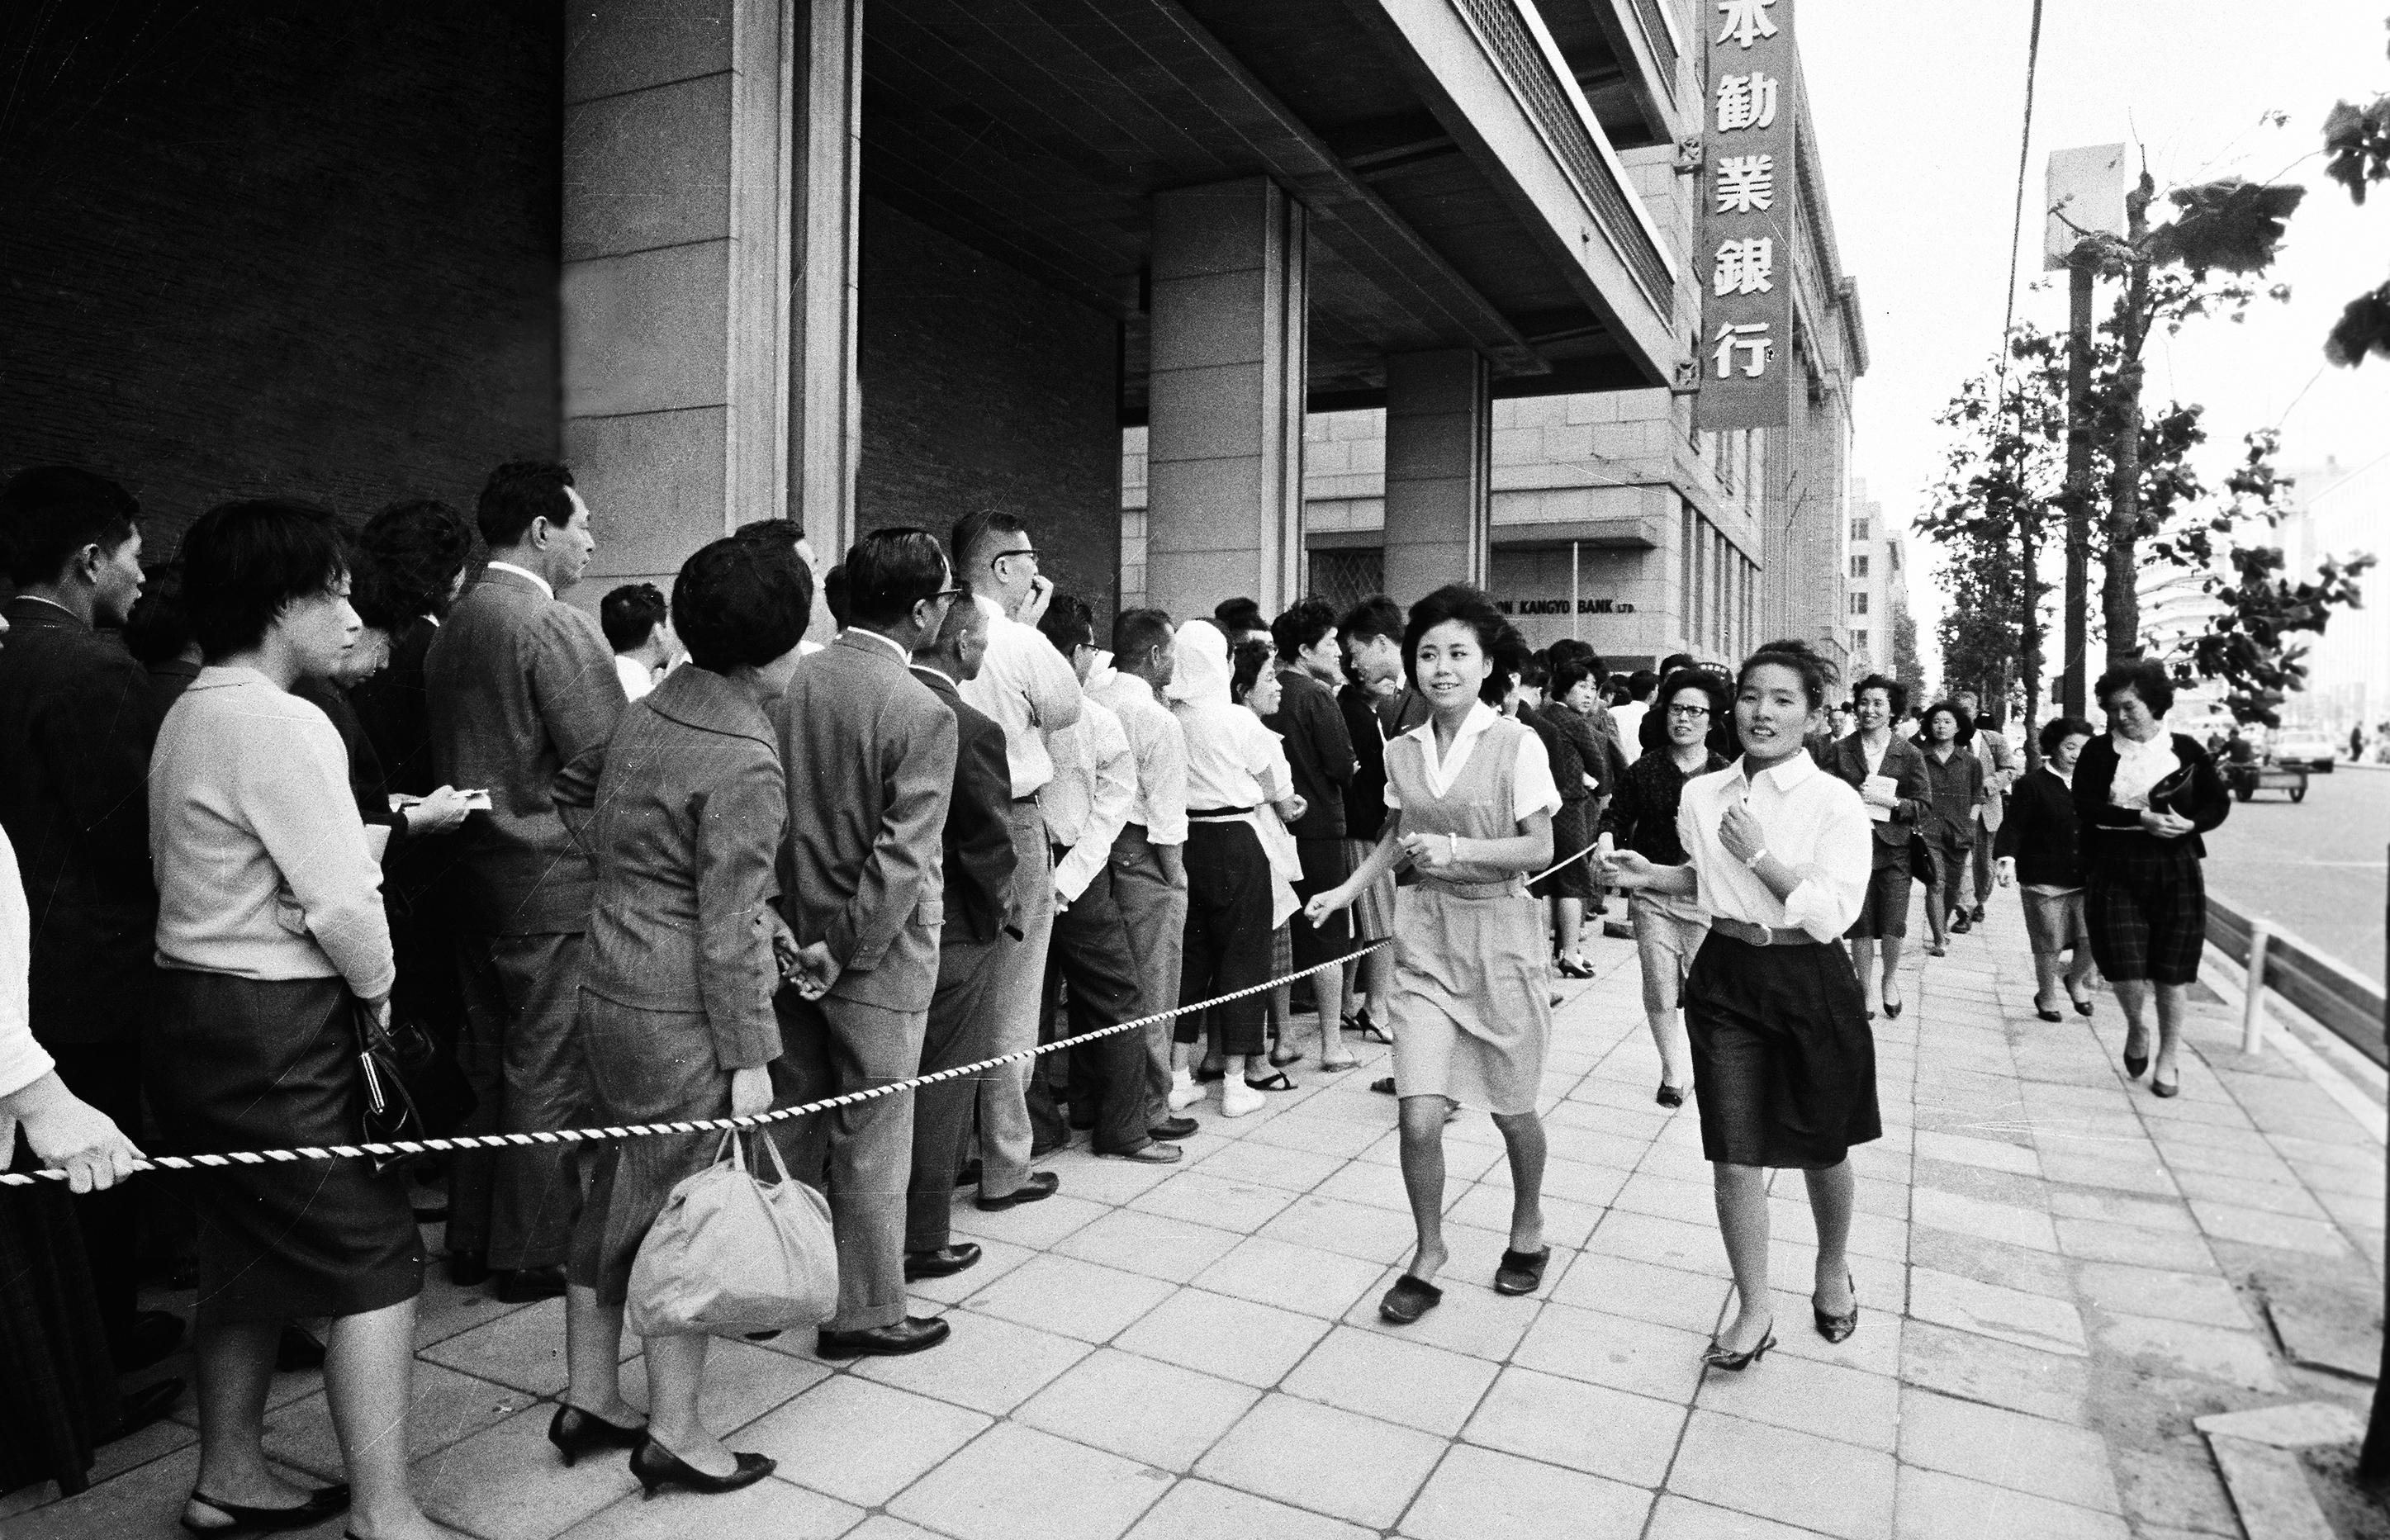 1964年10月2日、東京五輪の記念千円銀貨の1回目の引き換えが始まり、銀行前には長蛇の列ができた